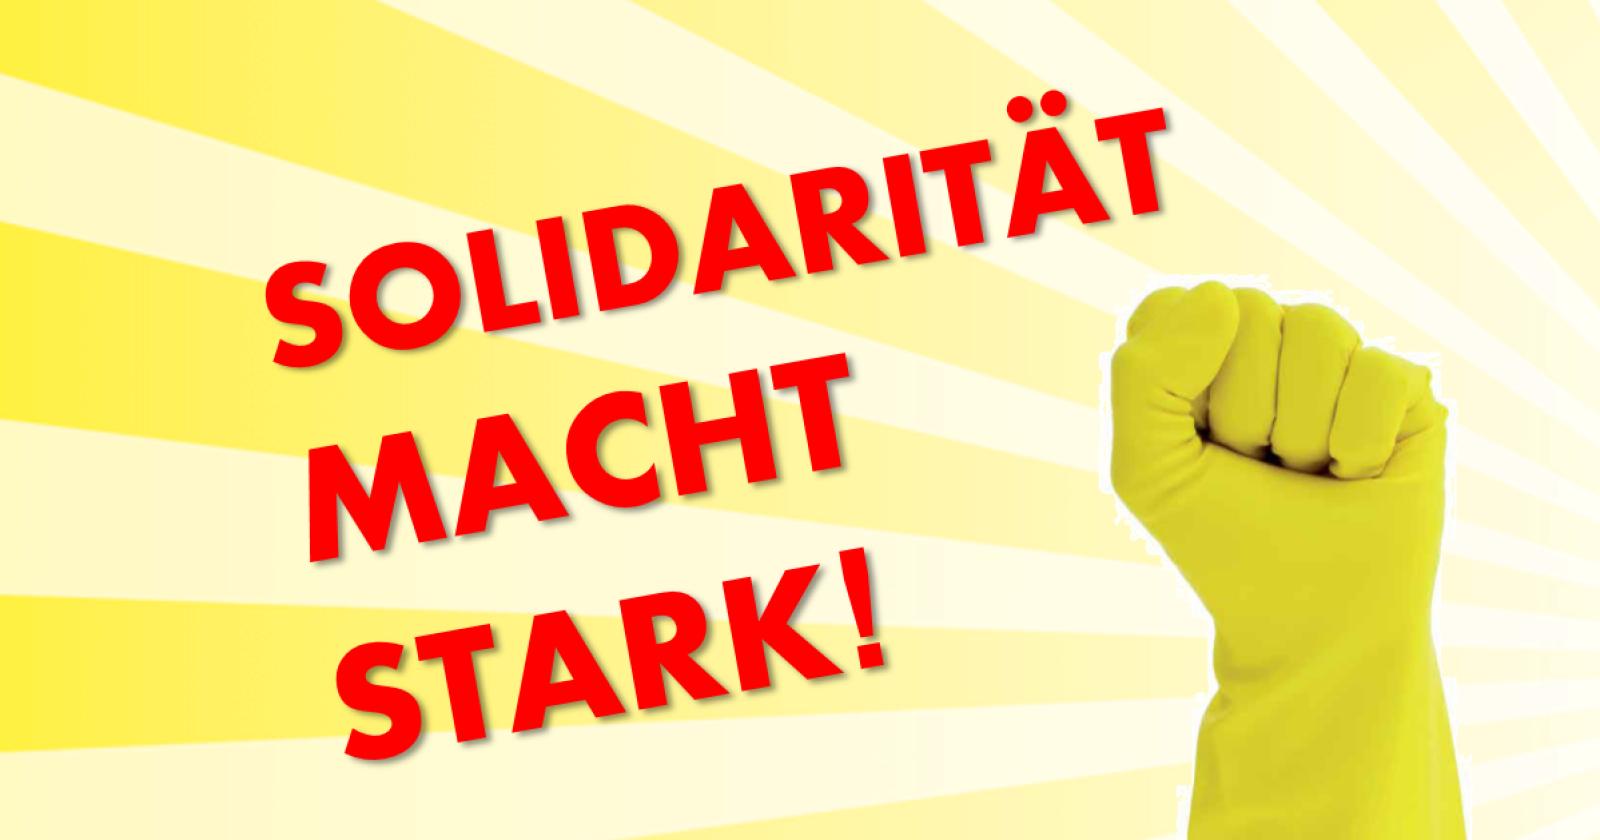 Solidarität mit Beschäftigten! DGB - Kreisverband Heidelberg Rhein-Neckar verurteilt Verhalten von Reinigungsfirma Plural und Daimler in Sindelfingen